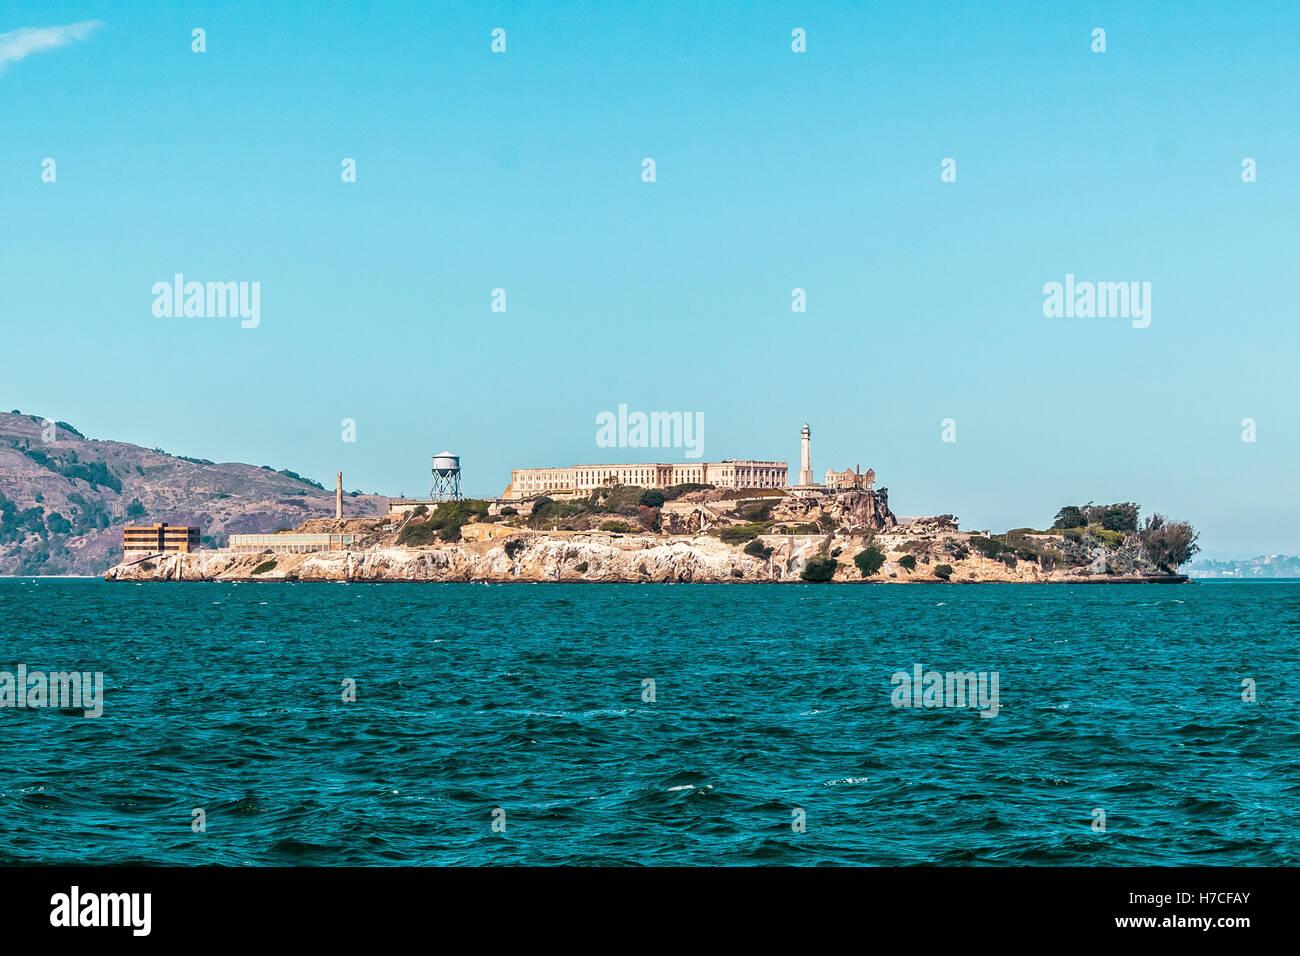 Foto von Gefängnis Alcatraz in San Francisco, Kalifornien Stockbild